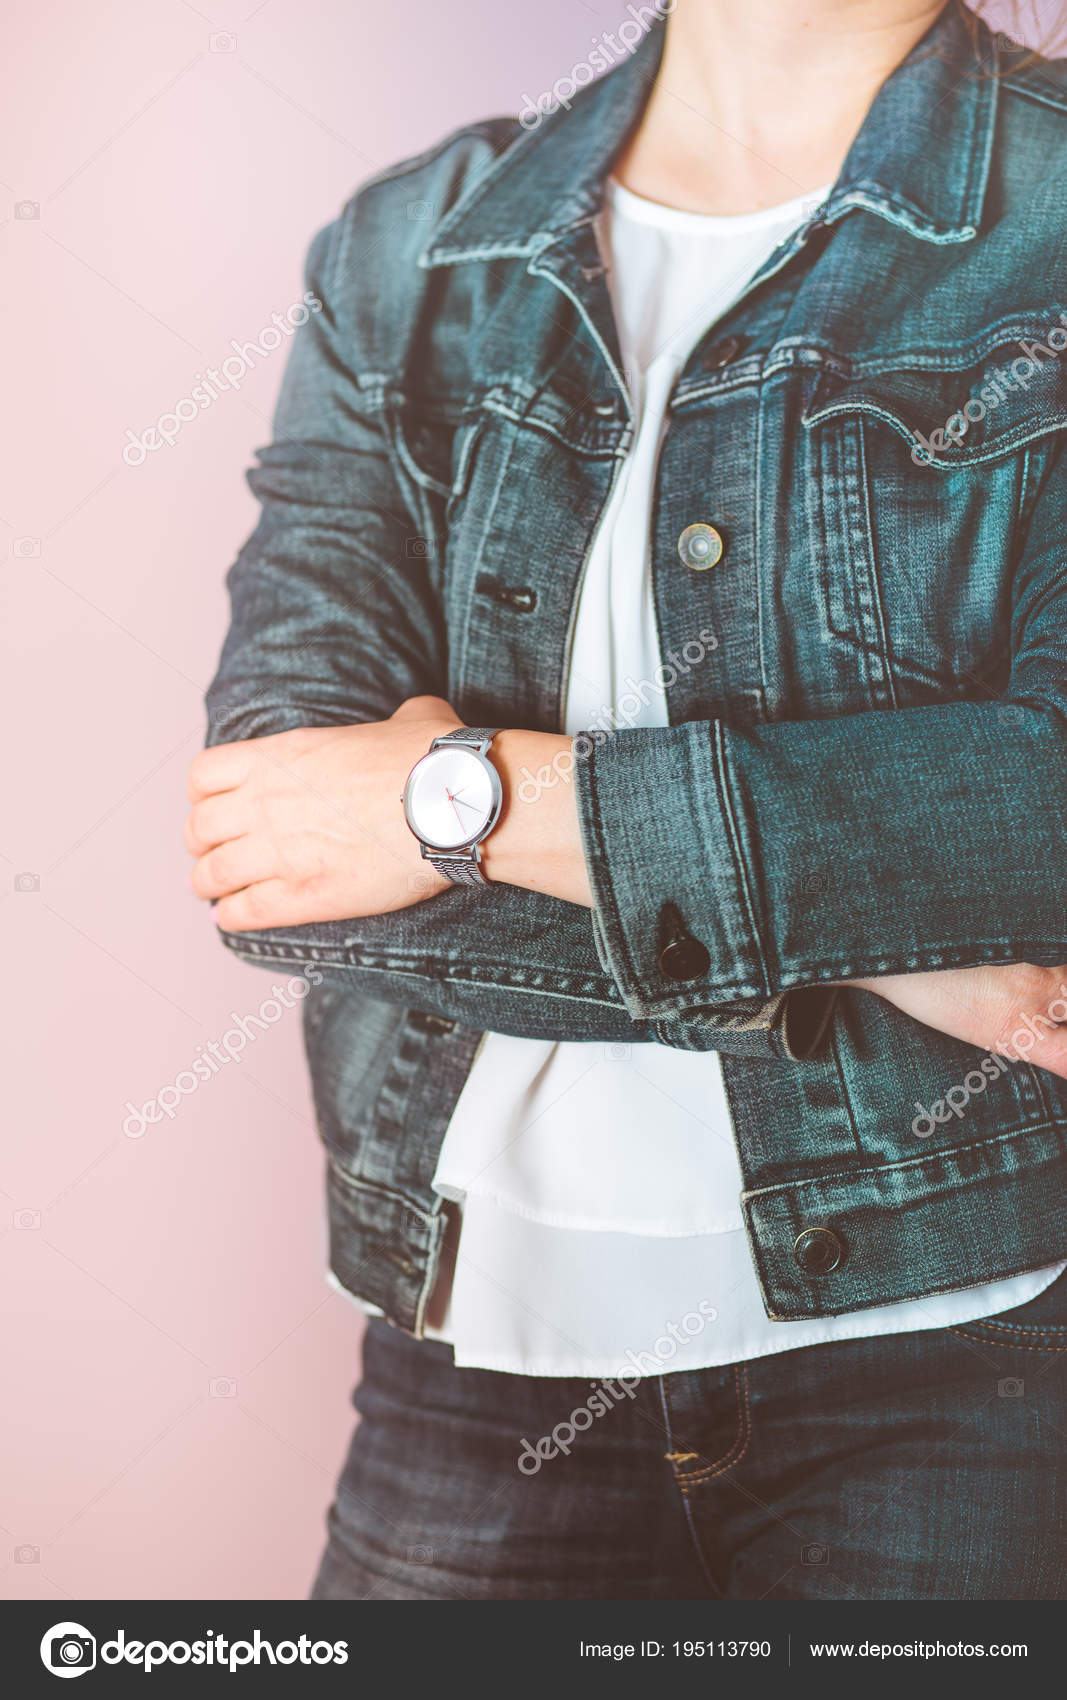 d05b7173ad8c Mujer que lleva pantalones vaqueros chaqueta y reloj de pulsera de ...